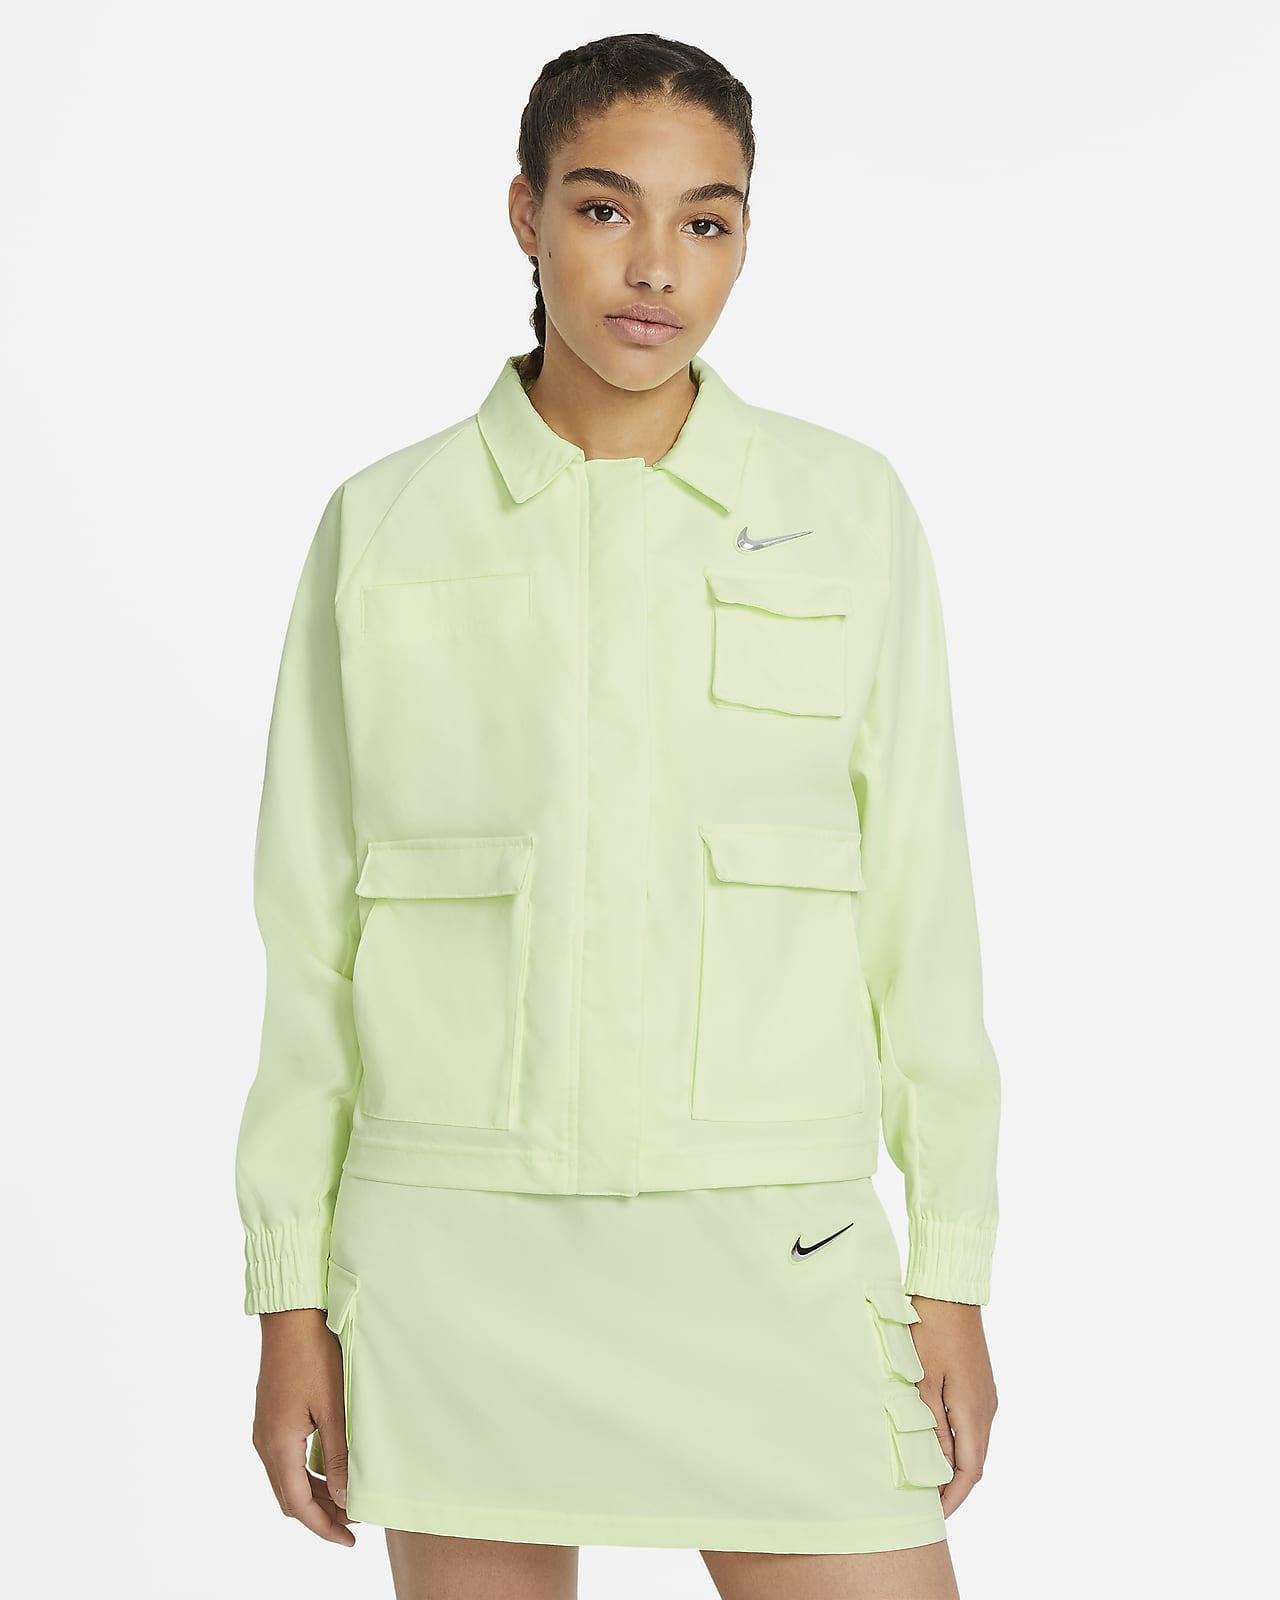 Kurtka damska z tkaniny Nike Sportswear Swoosh